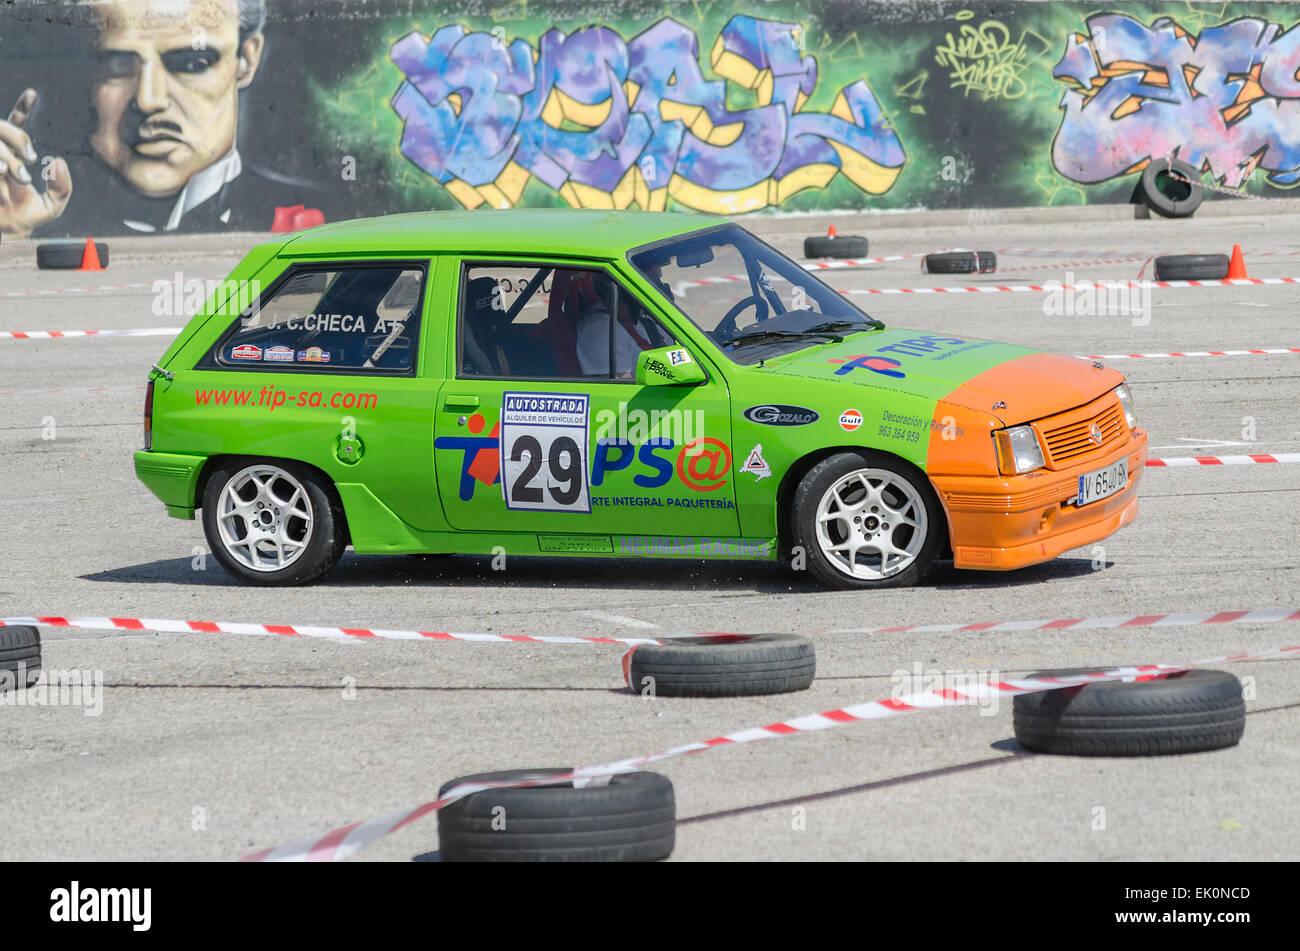 Rally de autos, de slalom, en la calle pública. Juan Carlos Checa González con su Opel Corsa. Imagen De Stock